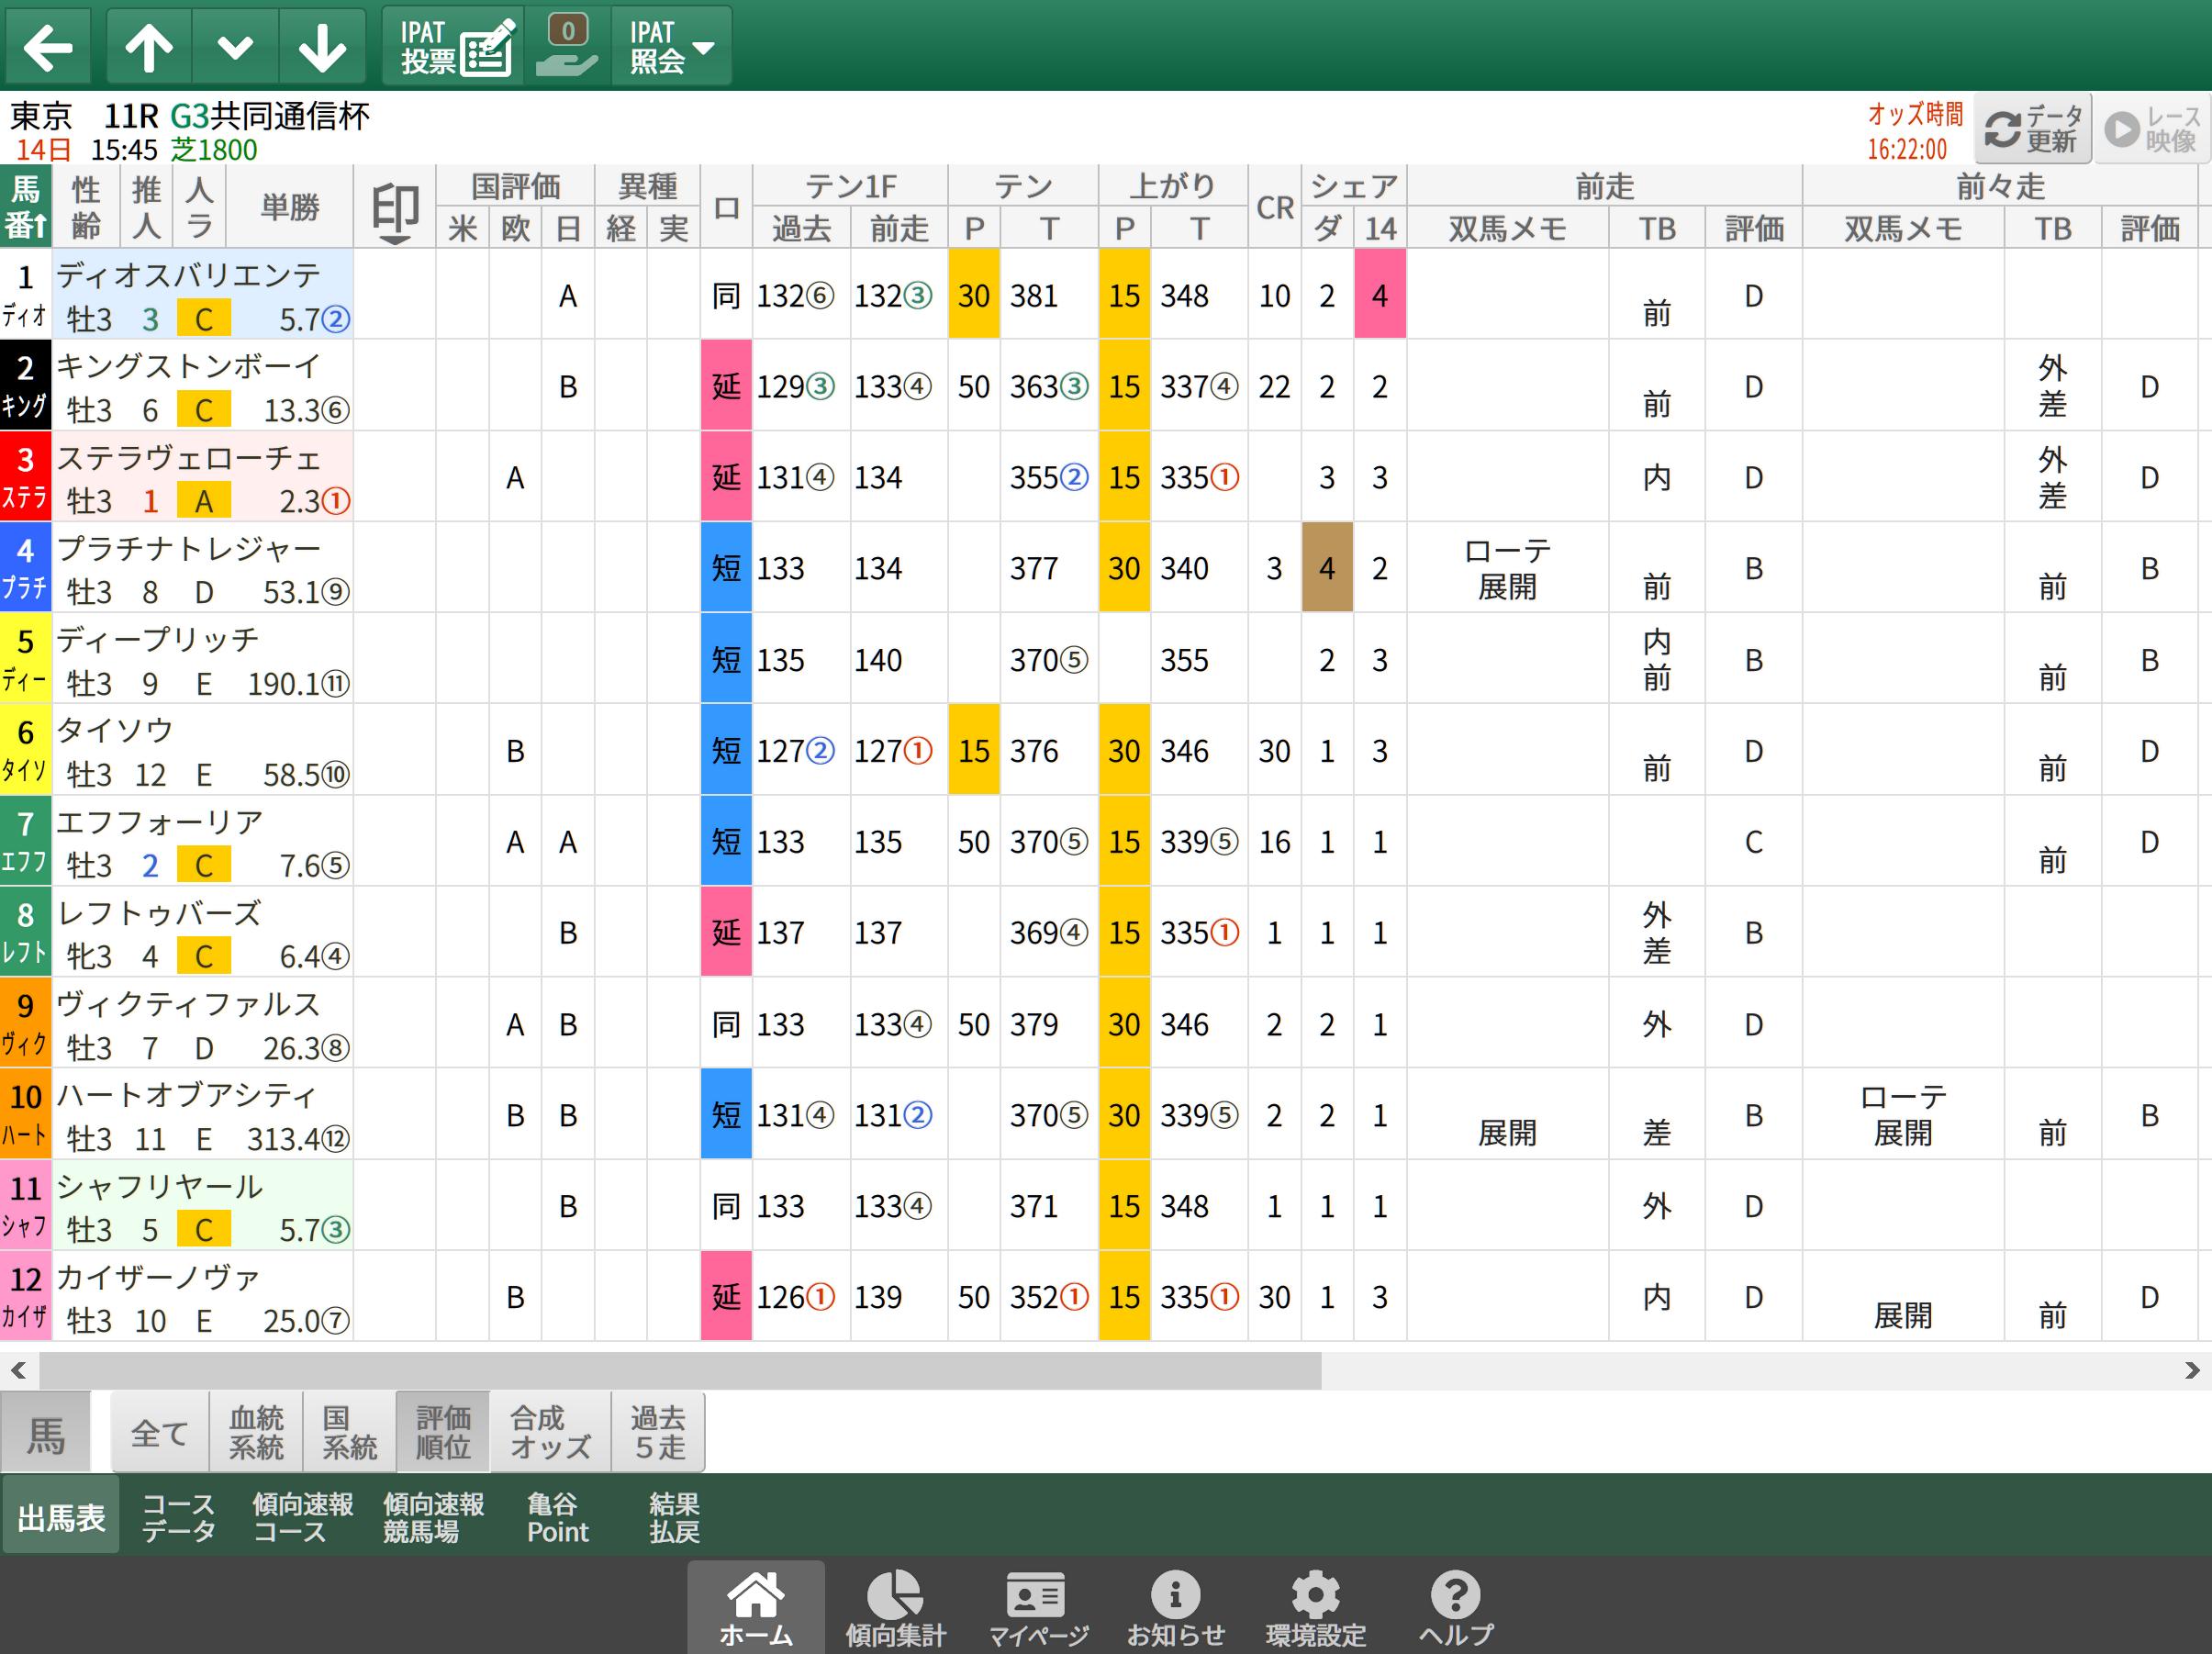 【無料公開】共同通信杯 / 亀谷サロン限定公開中のスマート出馬表・次期バージョン